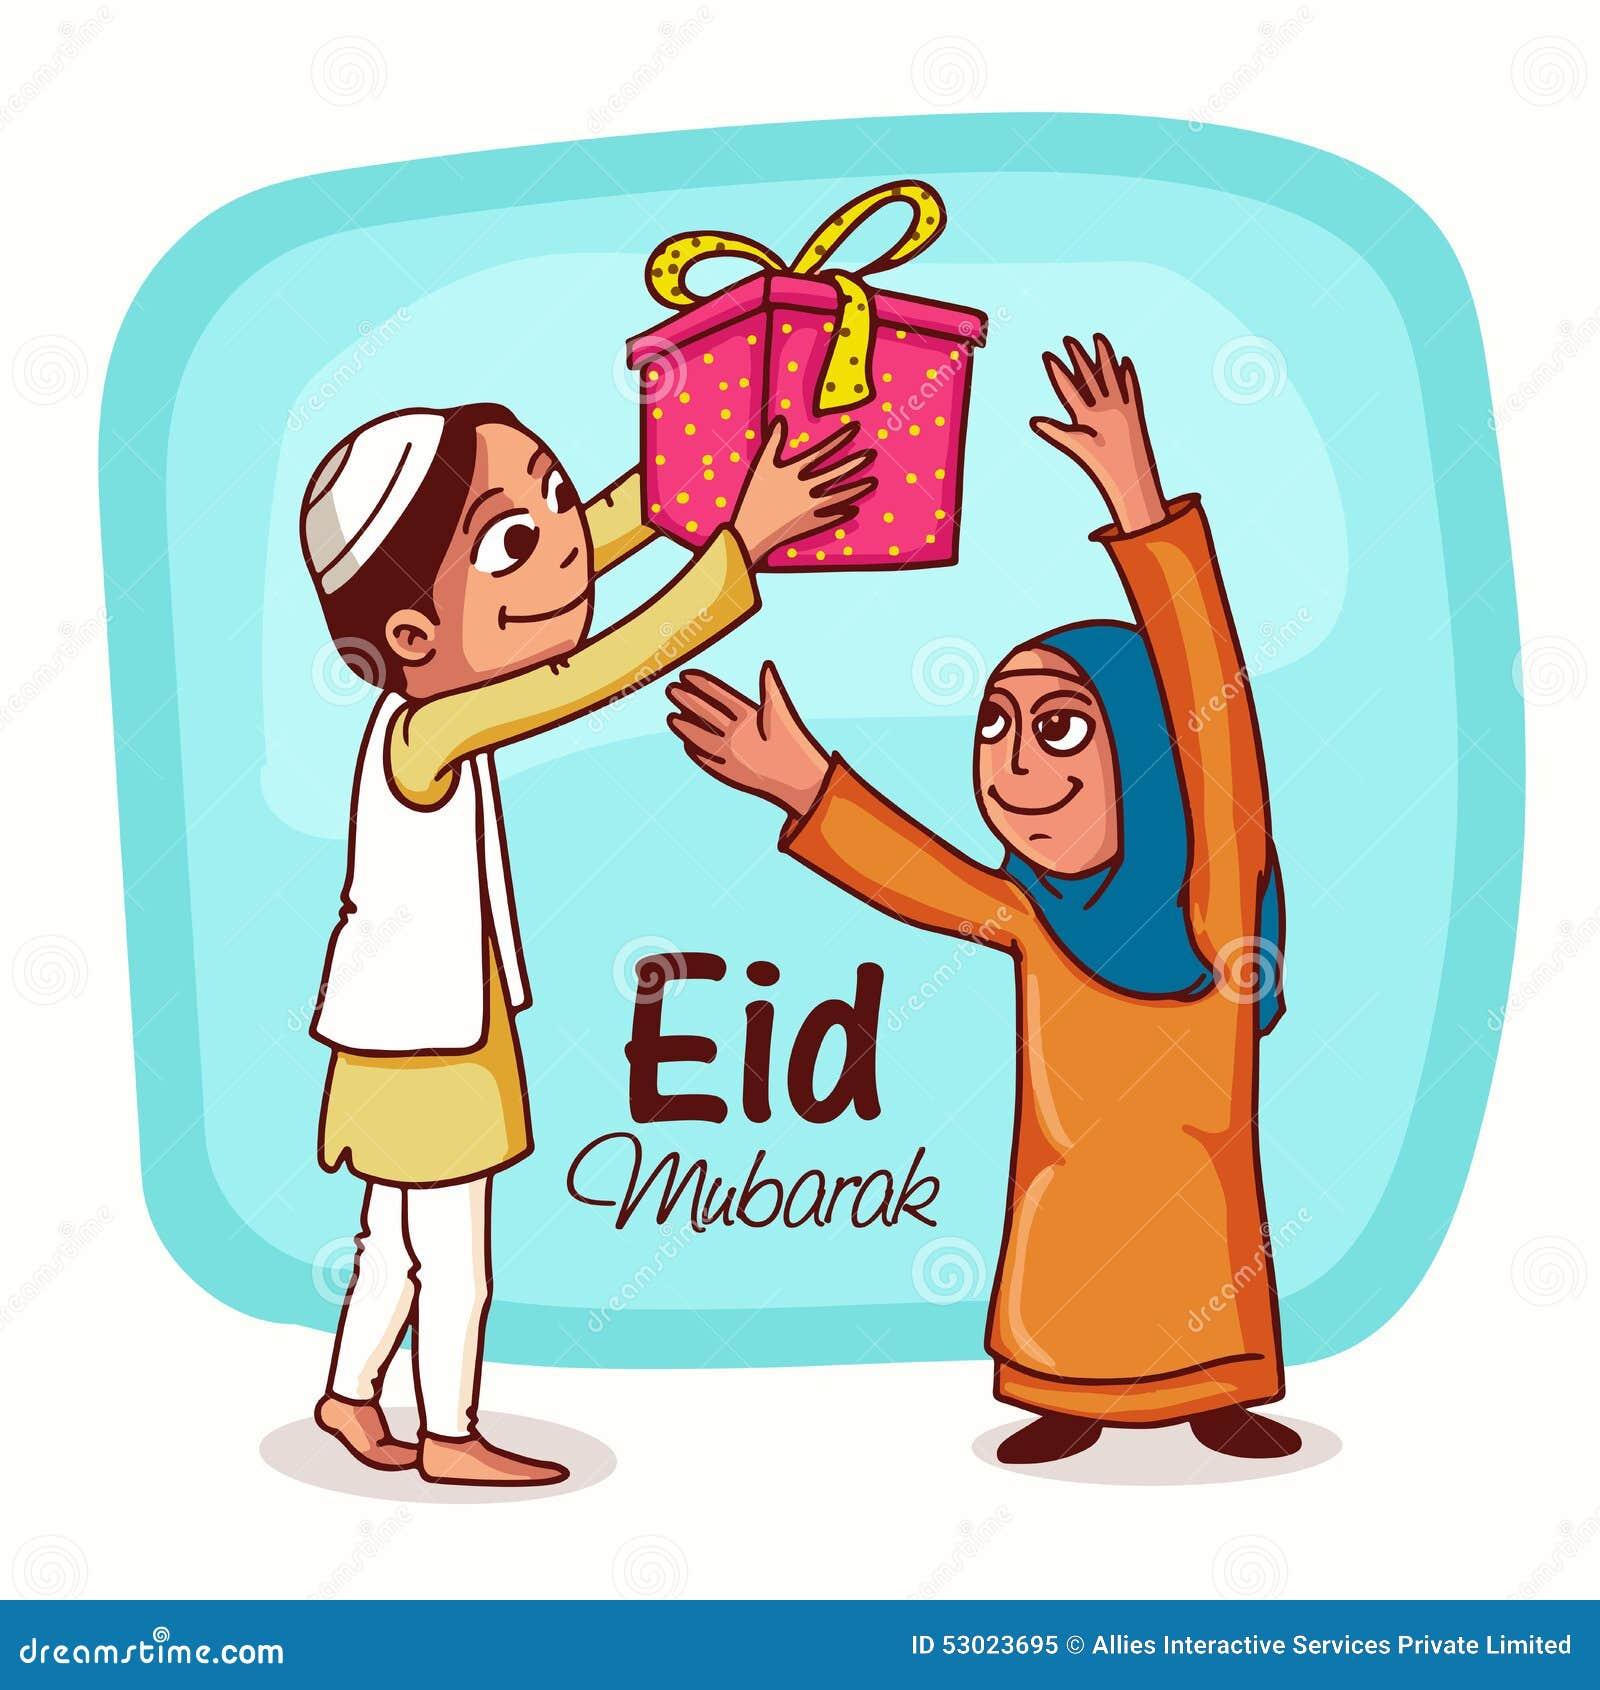 Holiday Wishes Message Eid Mubarak Celebratio...